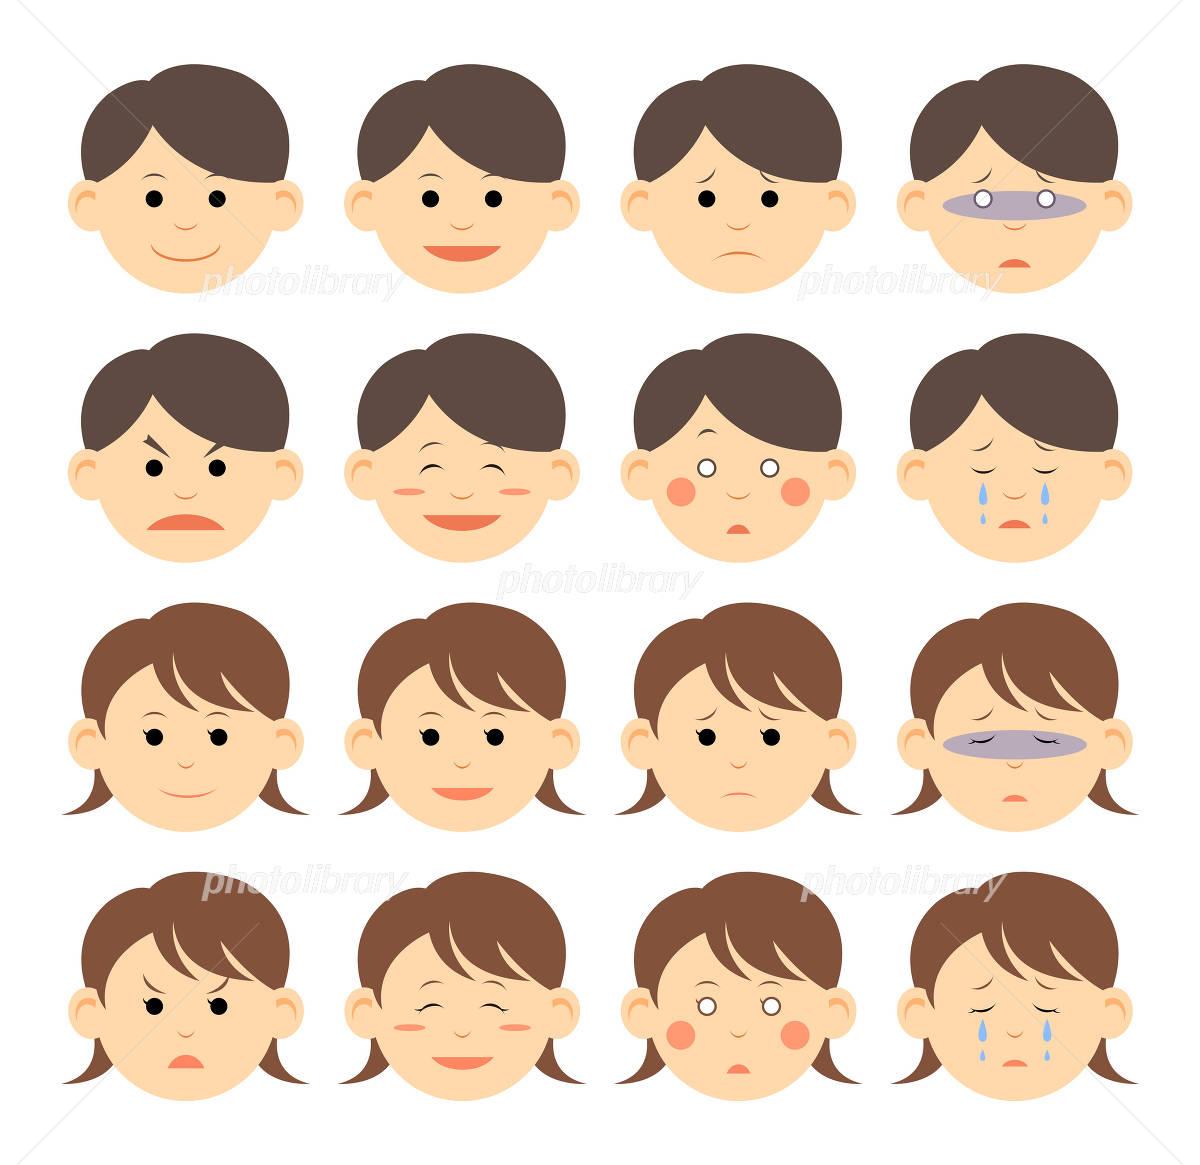 男女別の表情集 イラスト素材 3628560 フォトライブラリー